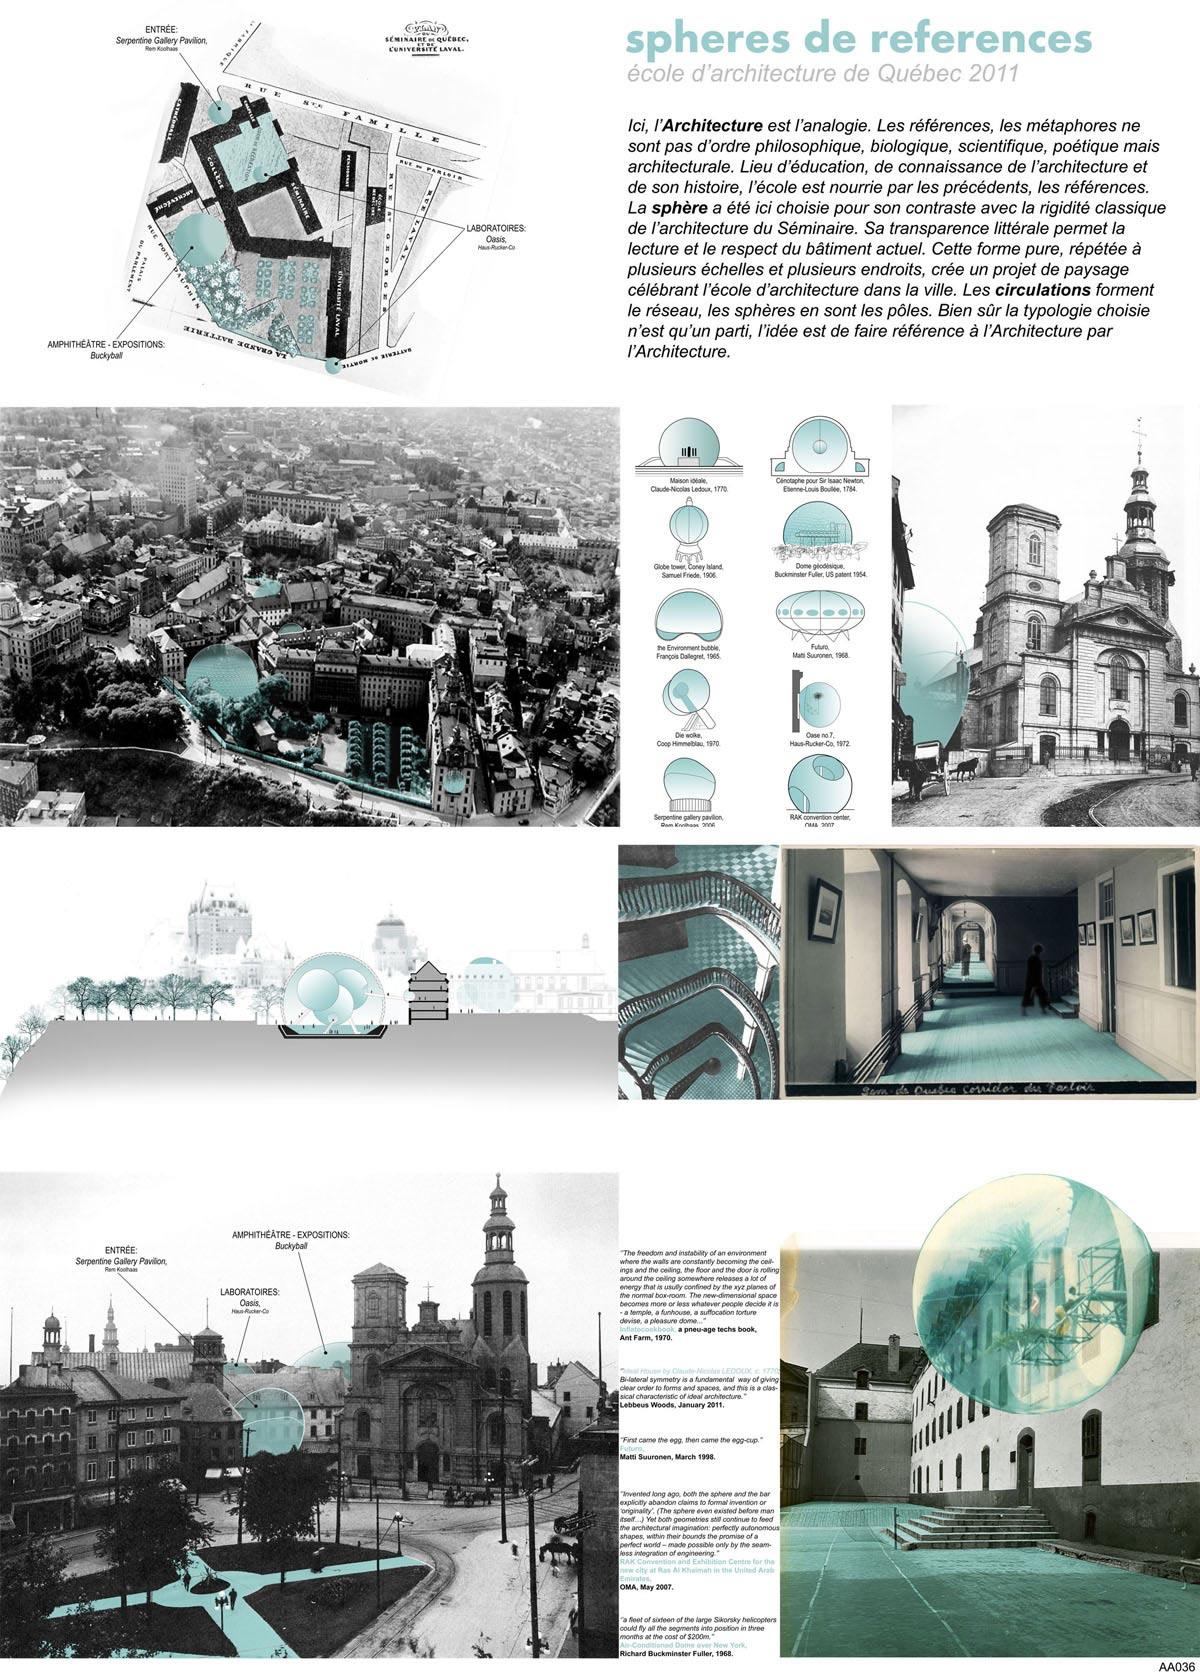 Sphères de référence (Montréal, Canada), par Mention Spéciale - bouchardboucher - Éric Boucher, Élisabeth Bouchard (Architectes)